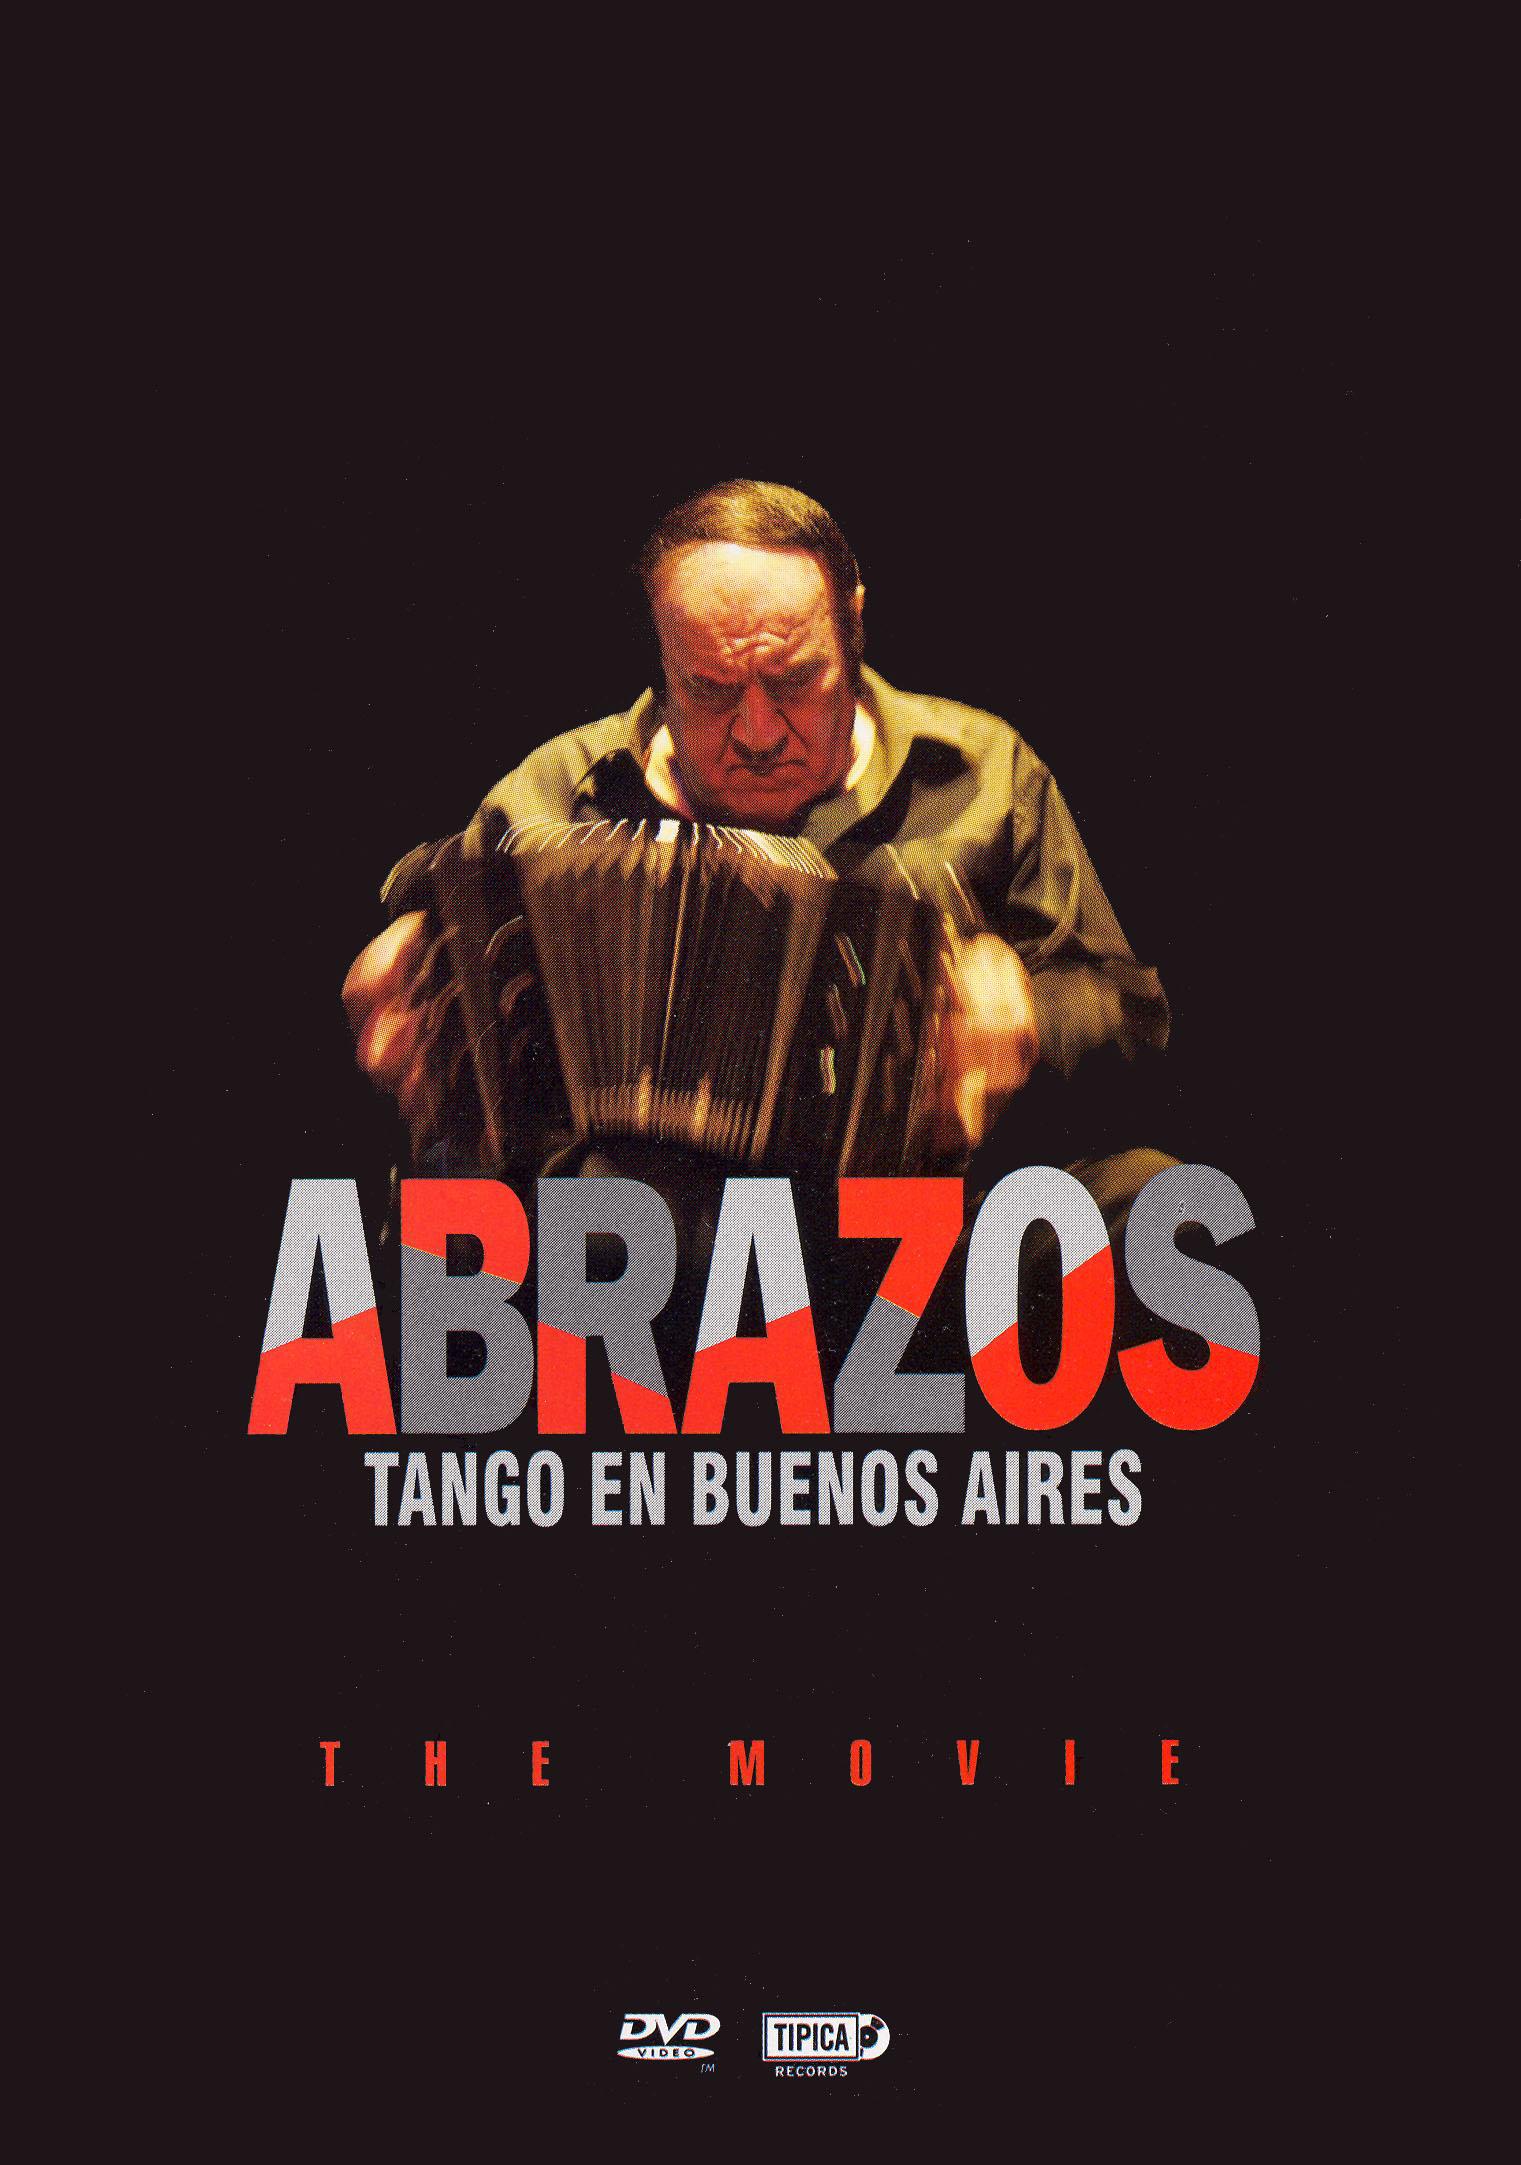 Abrazos: Tango in Buenos Aires